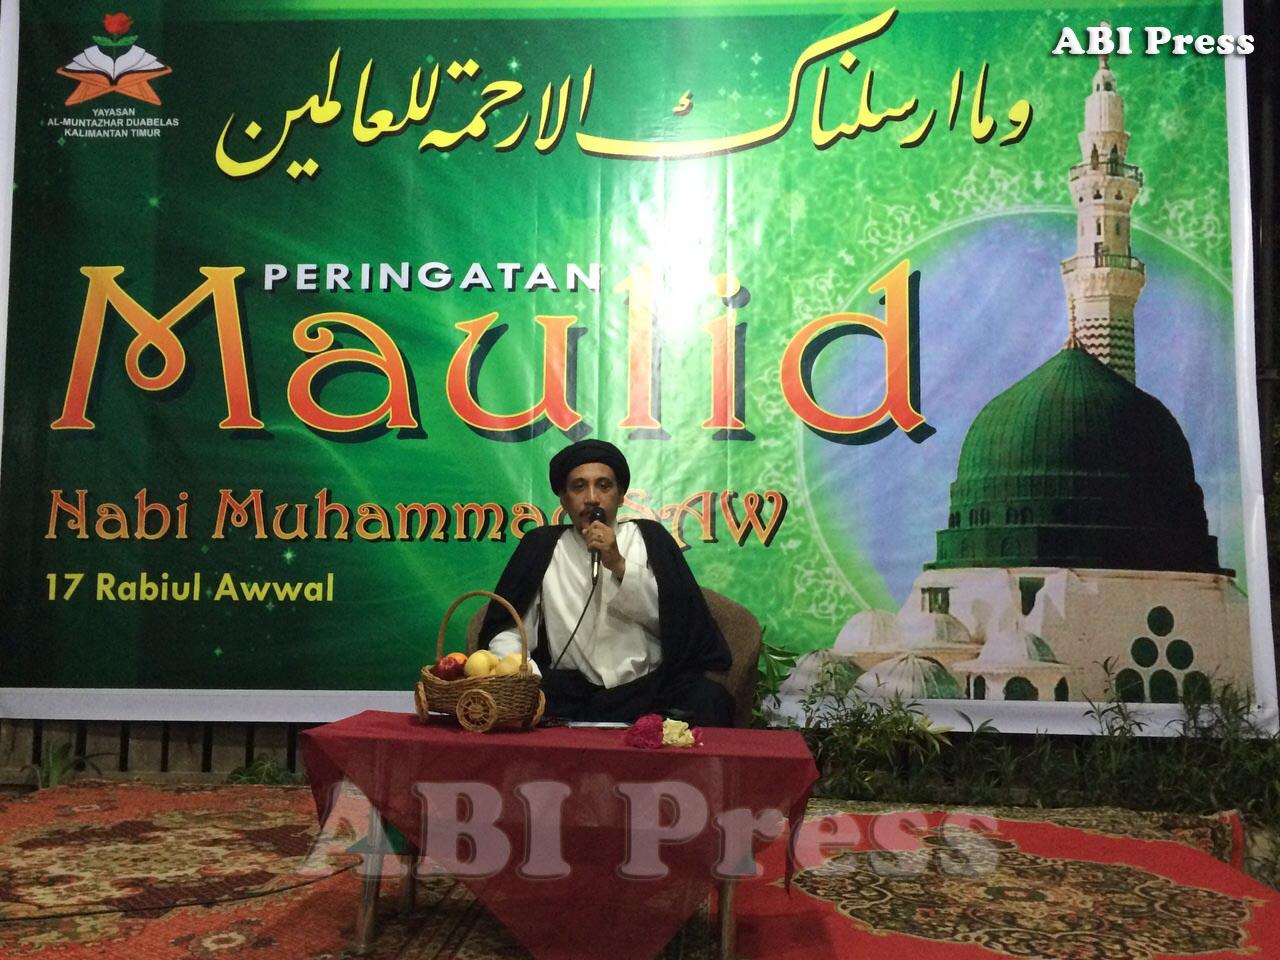 Pesan Maulid Yayasan al-Muntazhar 12: Menjaga Islam Rahmatan lil 'alamin